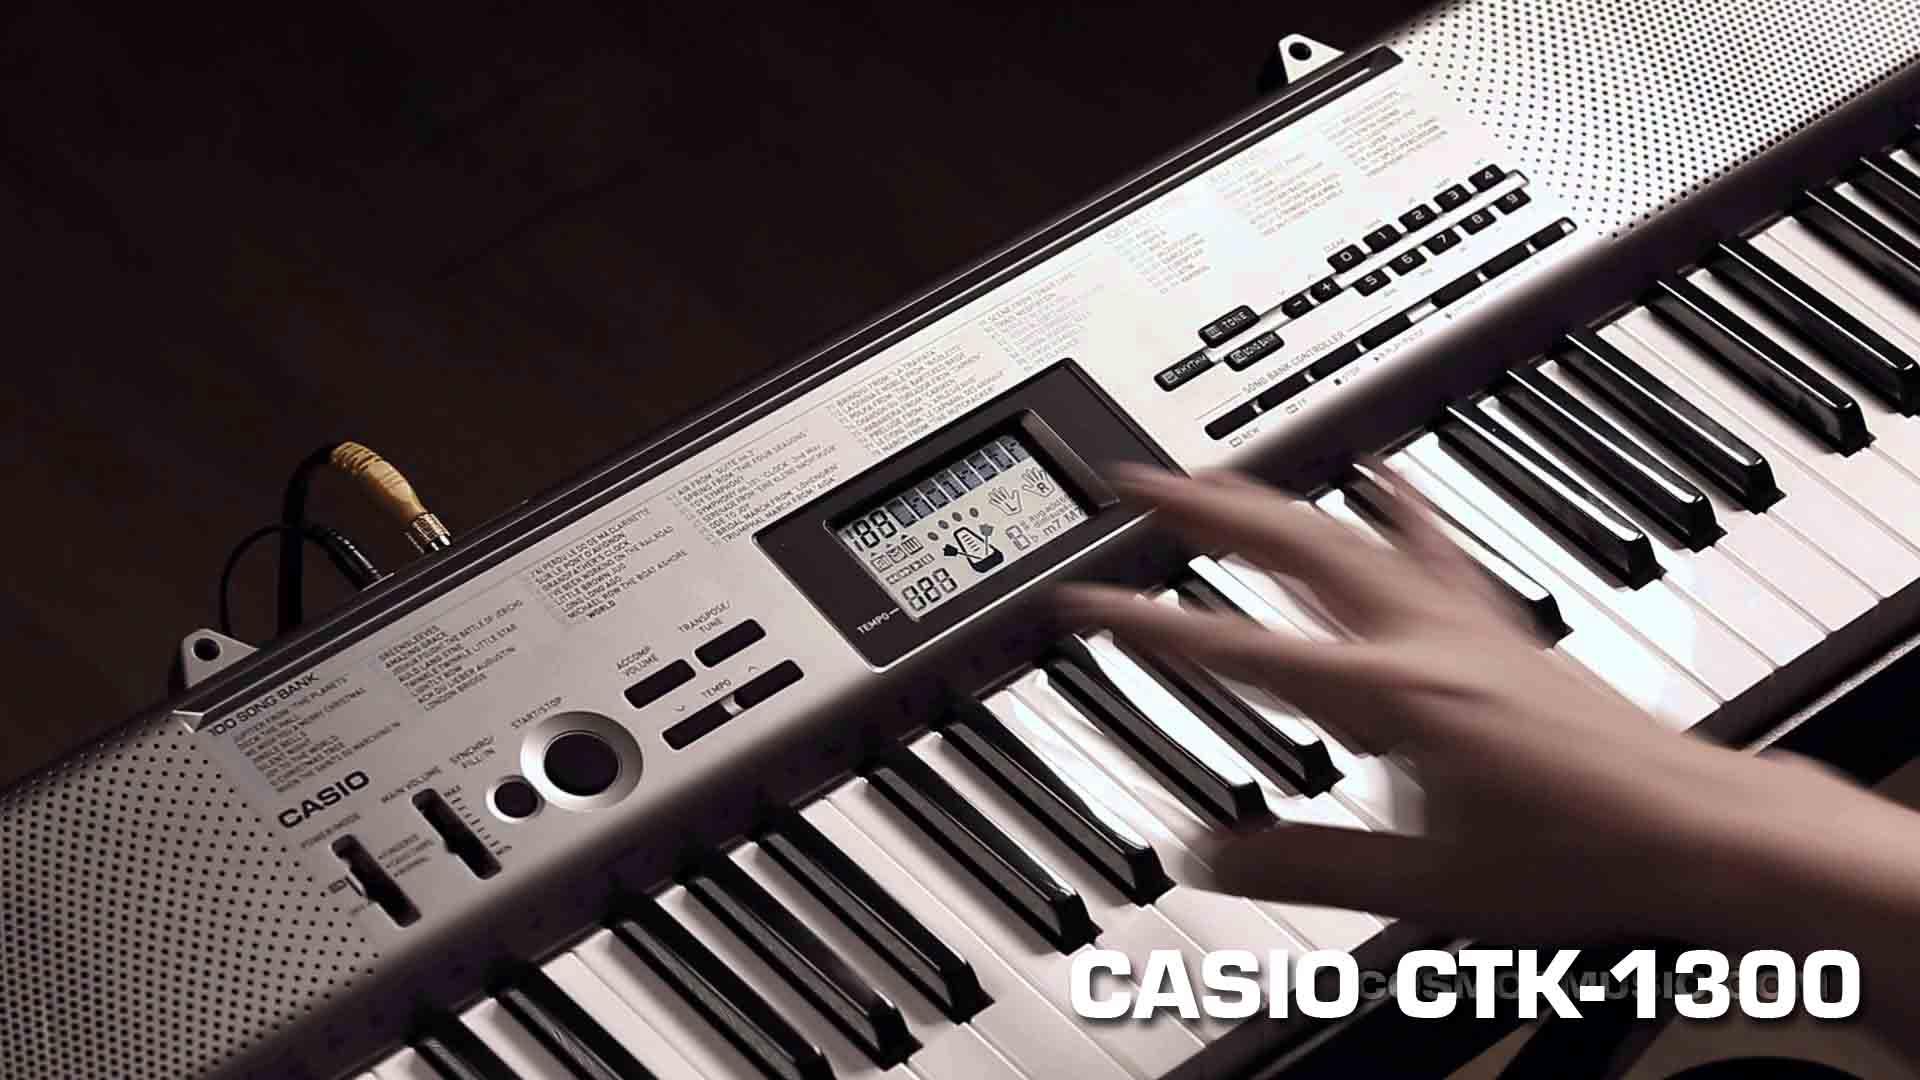 dan organ casio ctk-1300